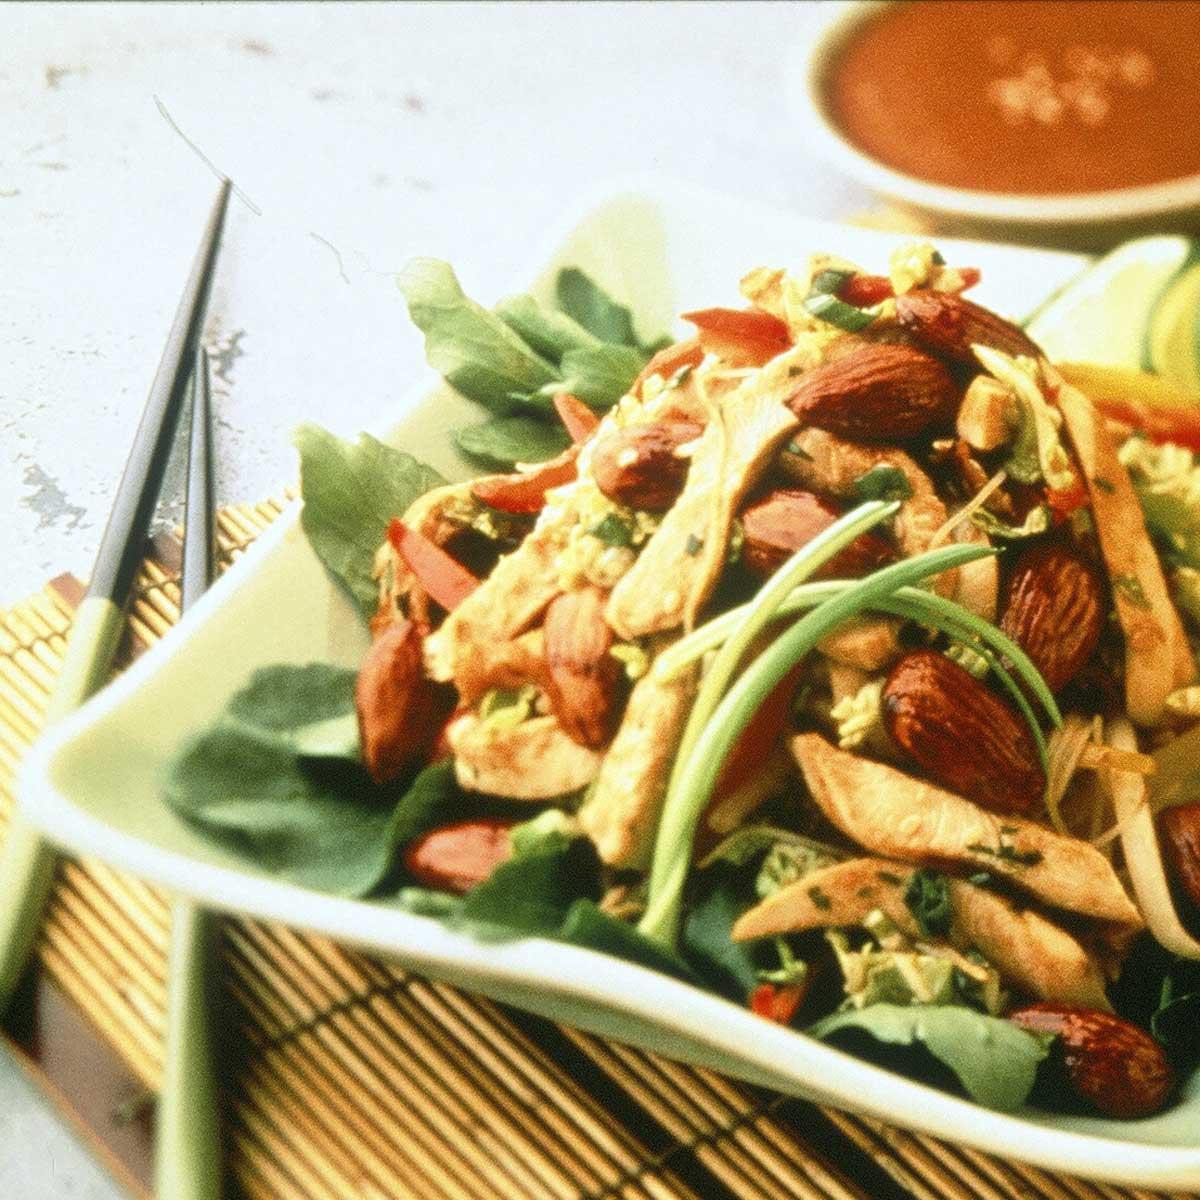 recette salade asiatique de poulet aux amandes cuisine madame figaro. Black Bedroom Furniture Sets. Home Design Ideas